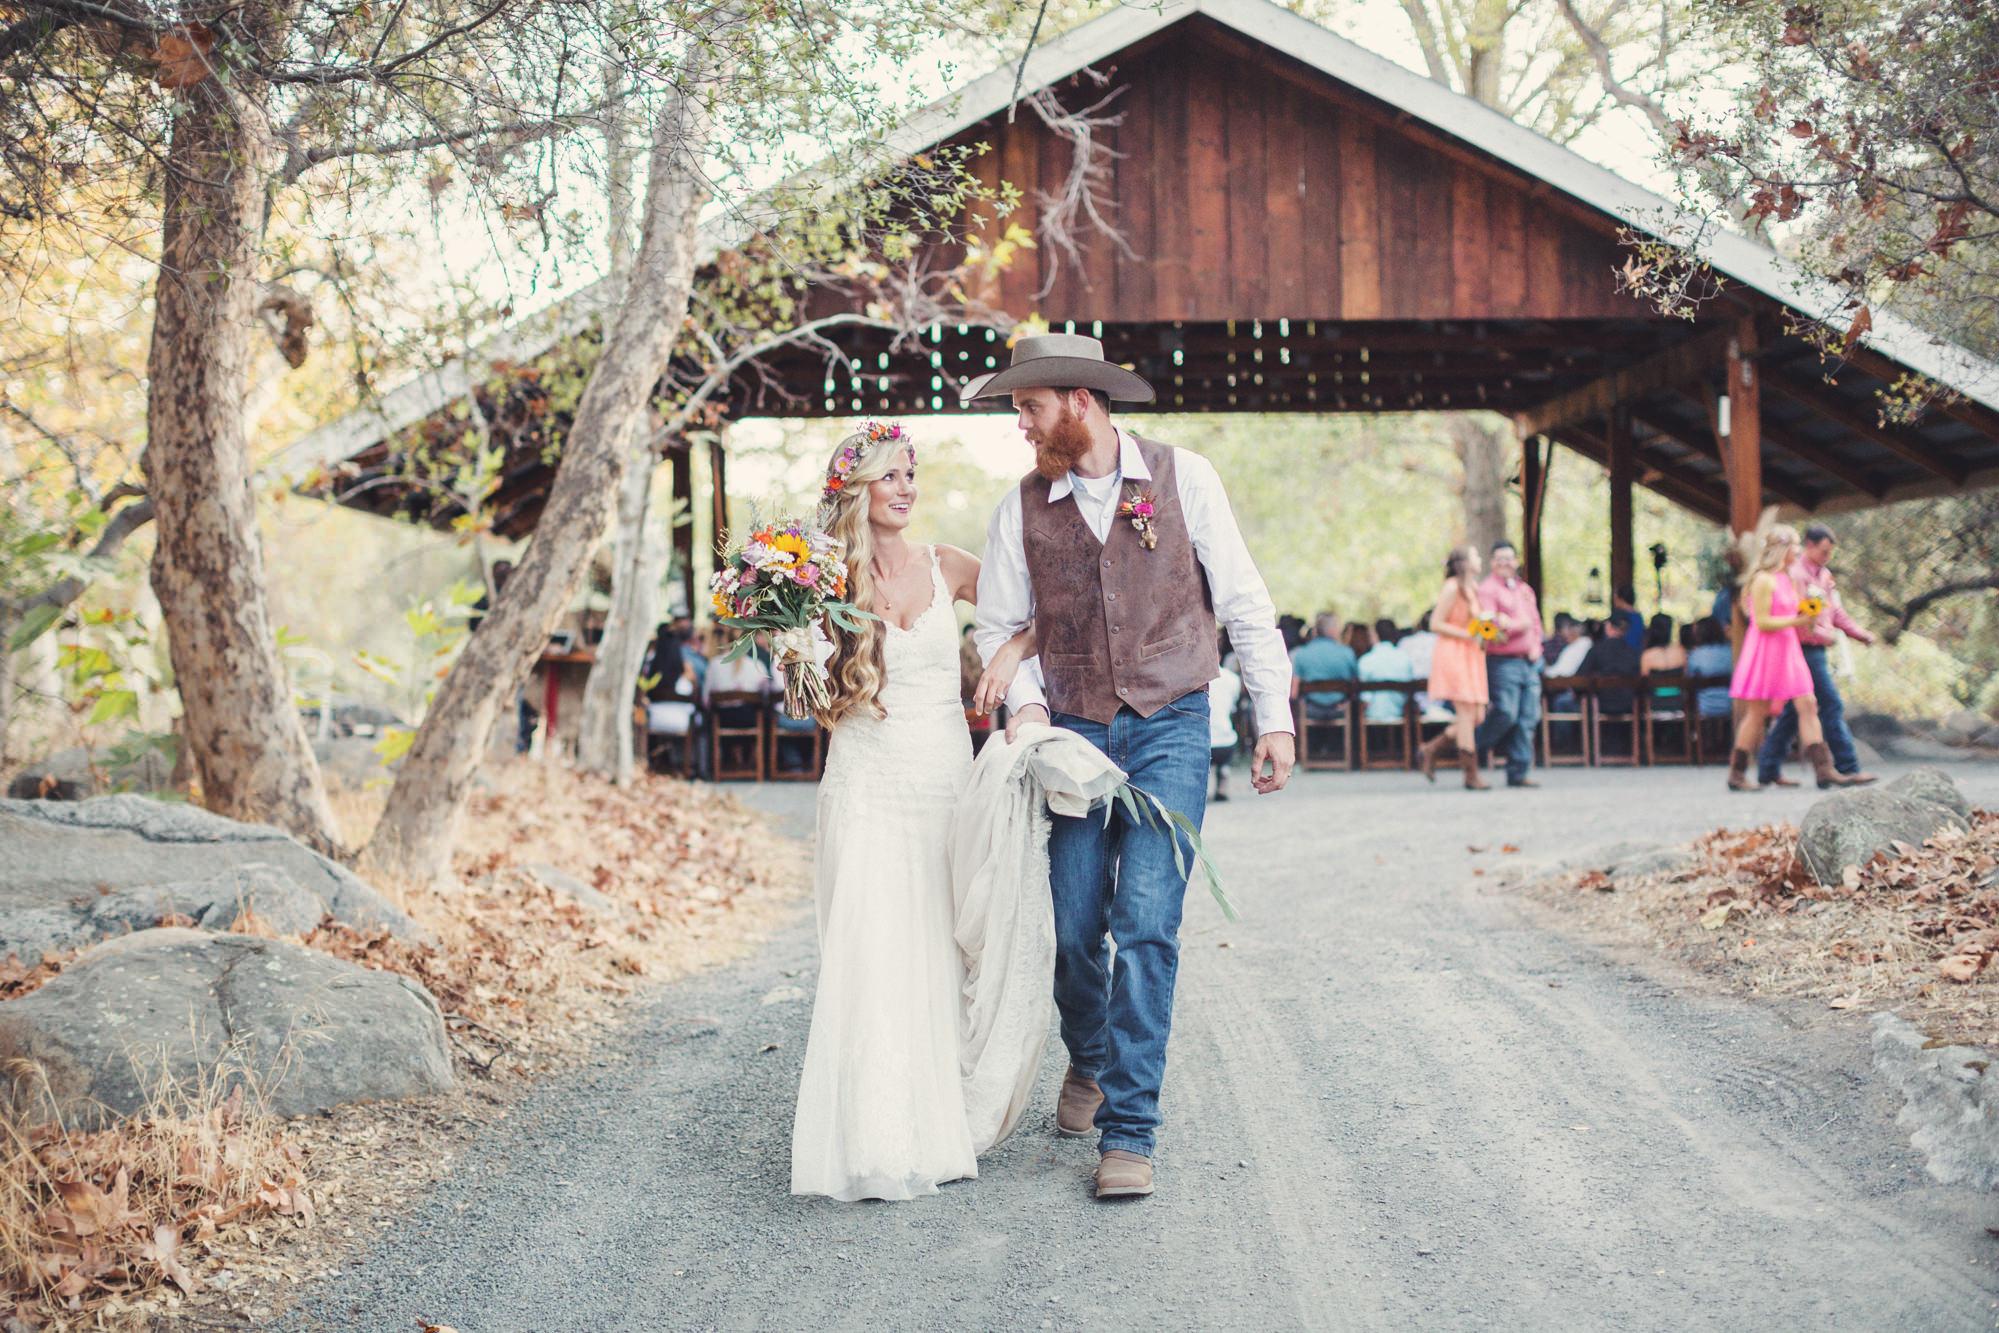 Rustic wedding in California ©Anne-Claire Brun 76